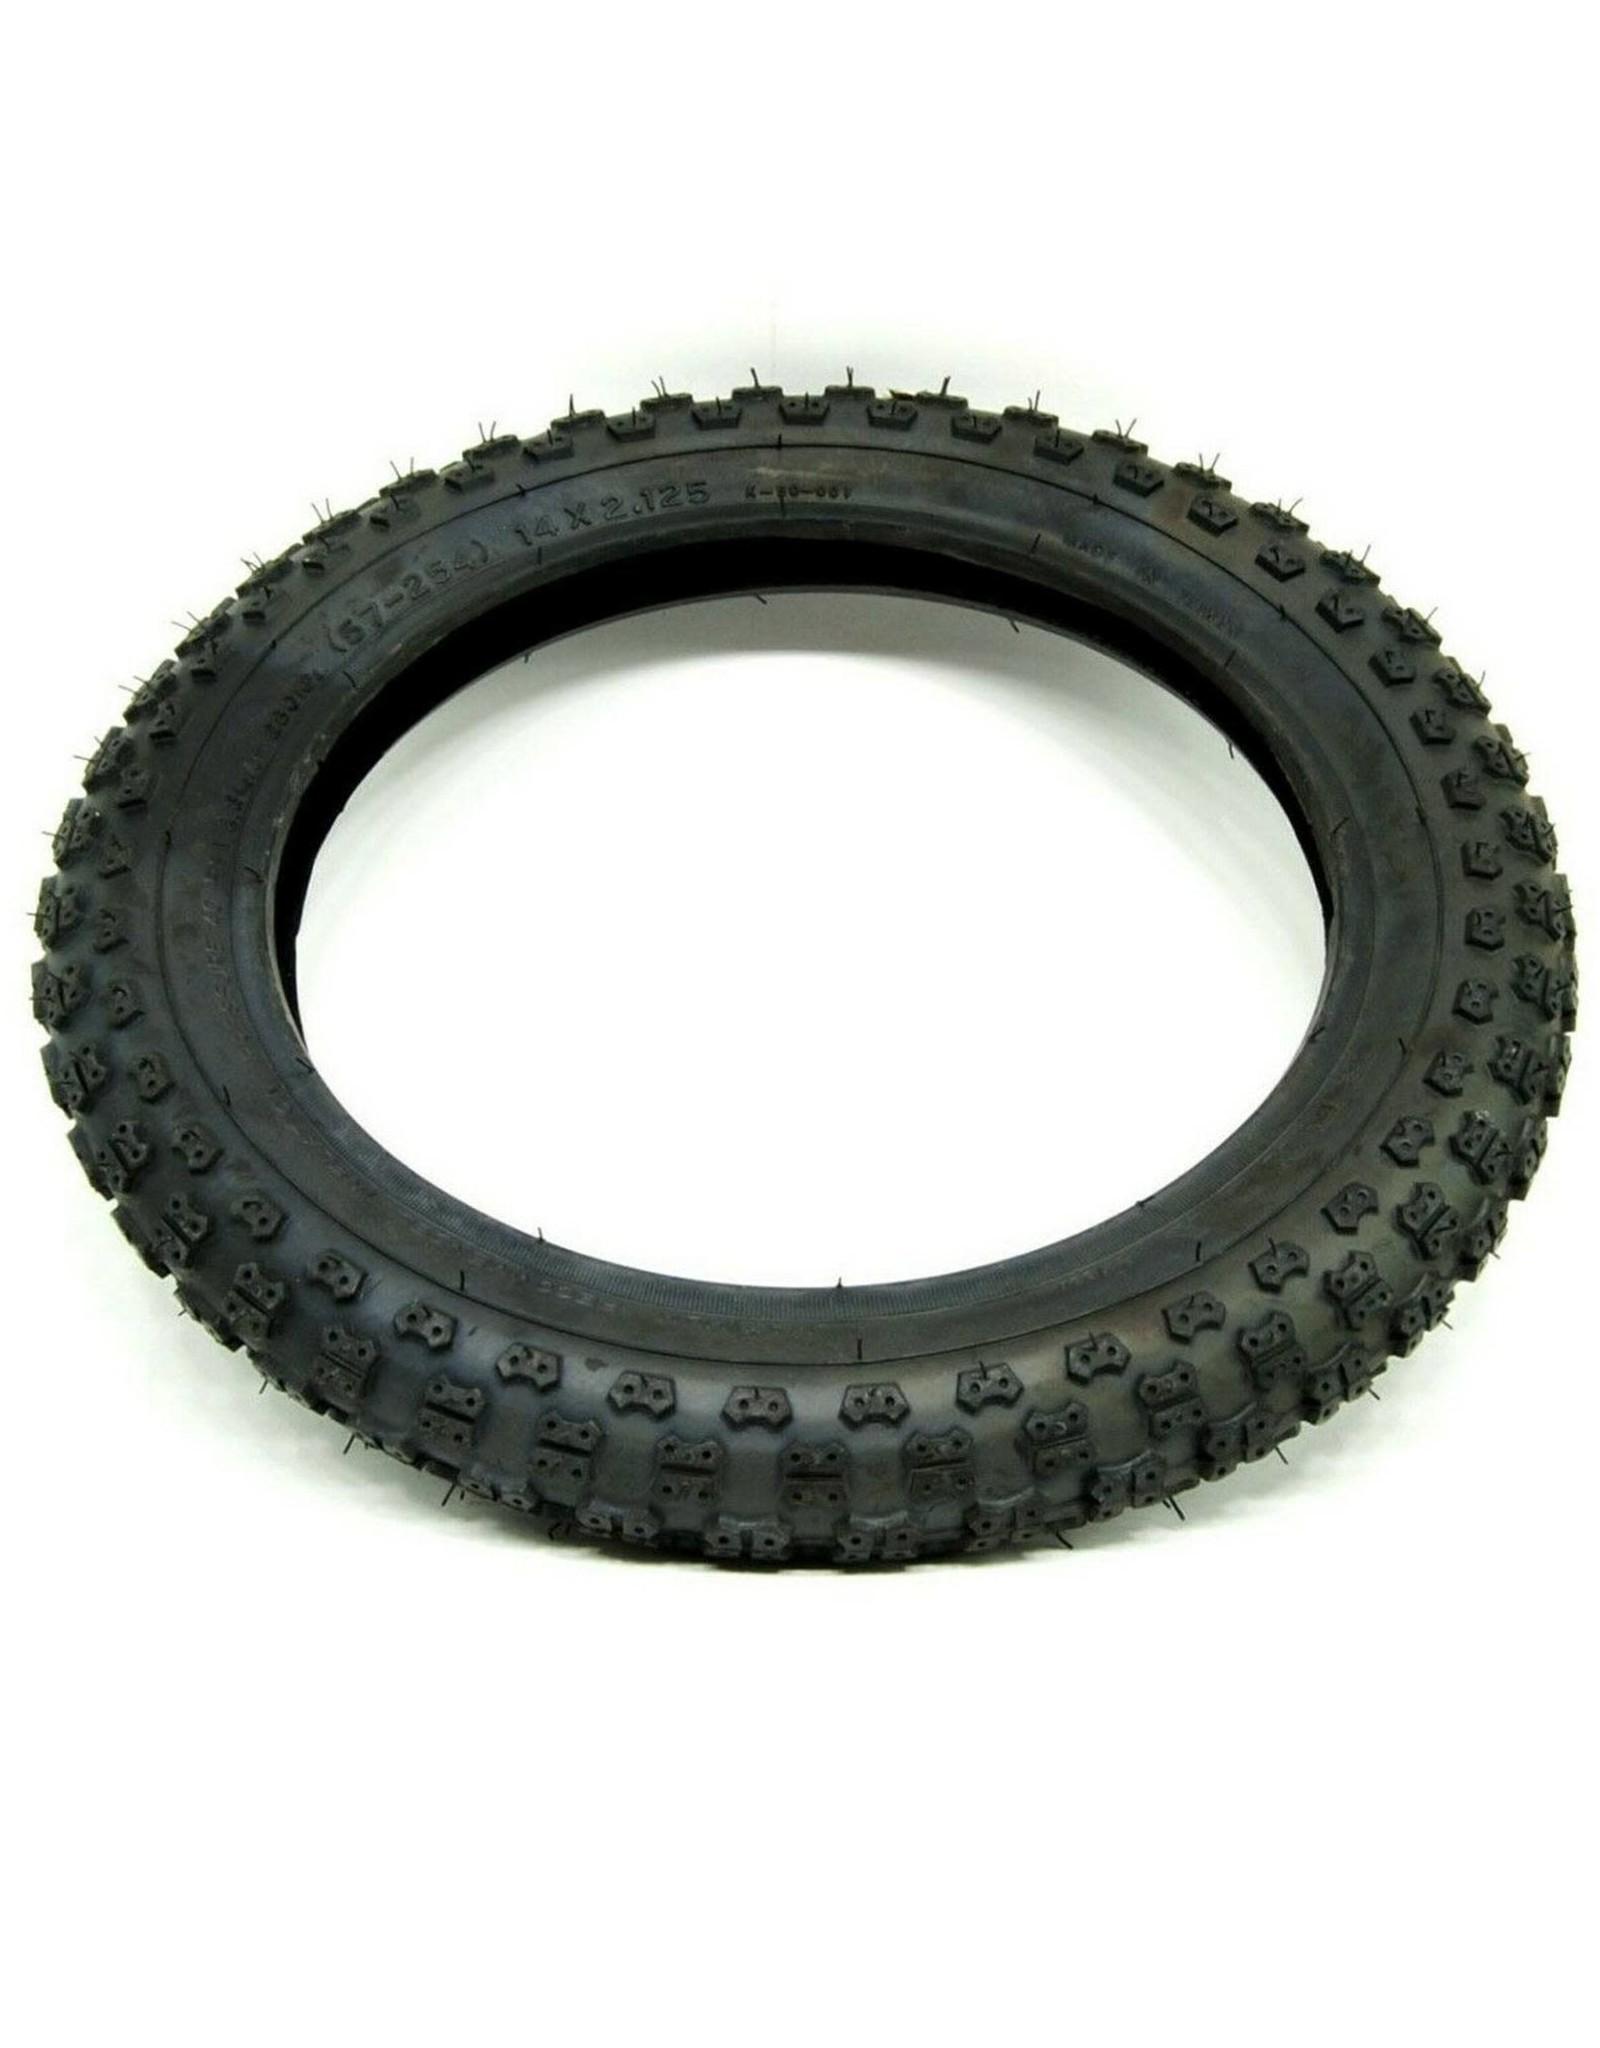 Kenda K50 14 x 2.125 Knobby Tyre